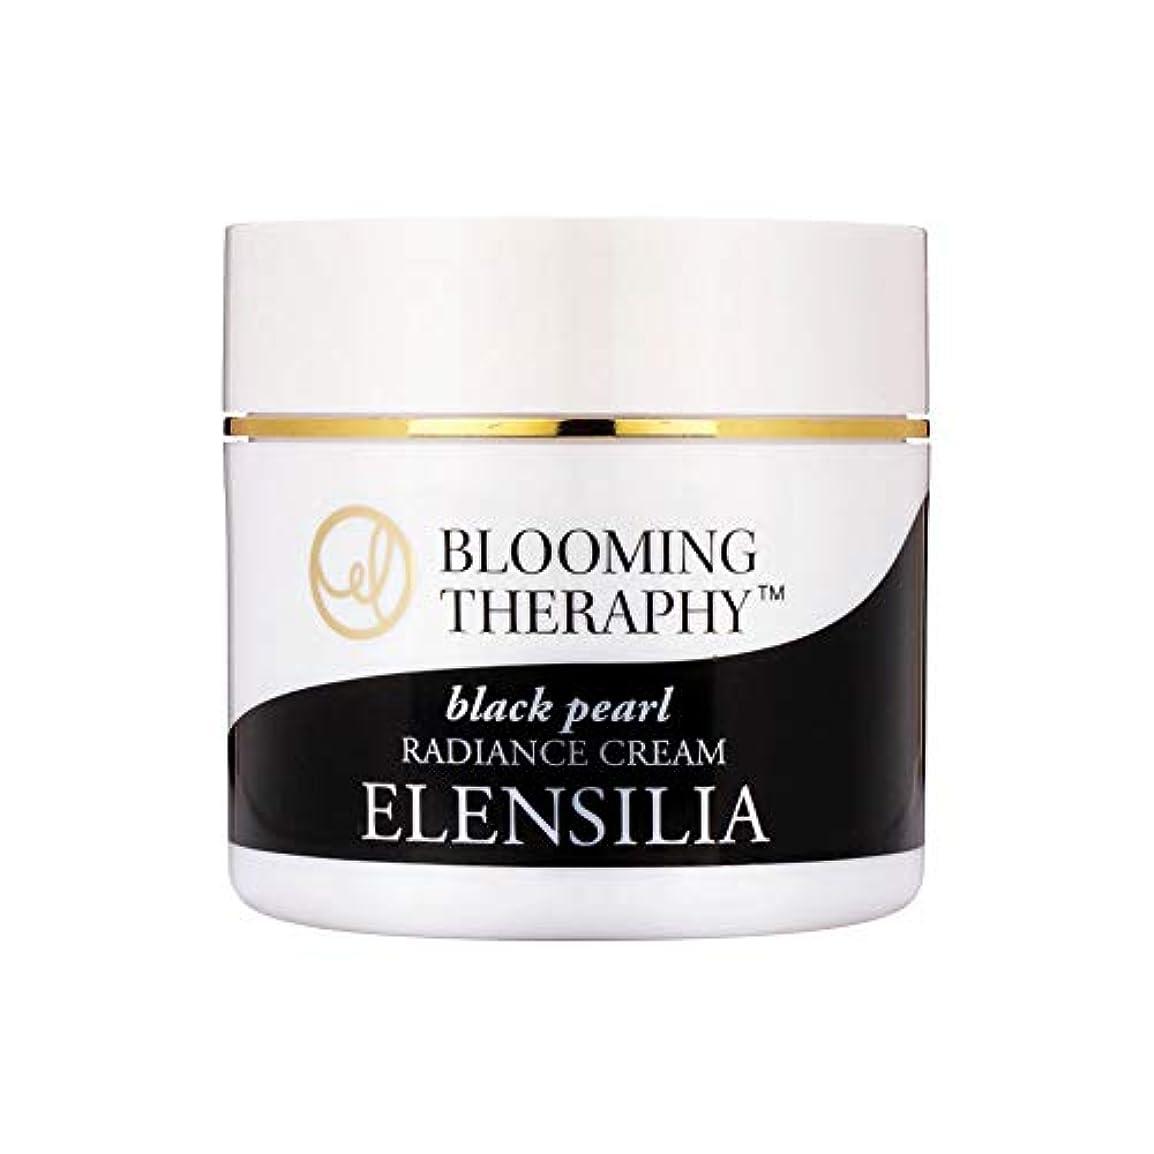 アナウンサー心理的北方エルレンシルラElensilia 韓国コスメ ブルーミングセラピー黒真珠ラディアンスクリーム50g 海外直送品 Blooming Theraphy Black Pearl Radiance Cream [並行輸入品]